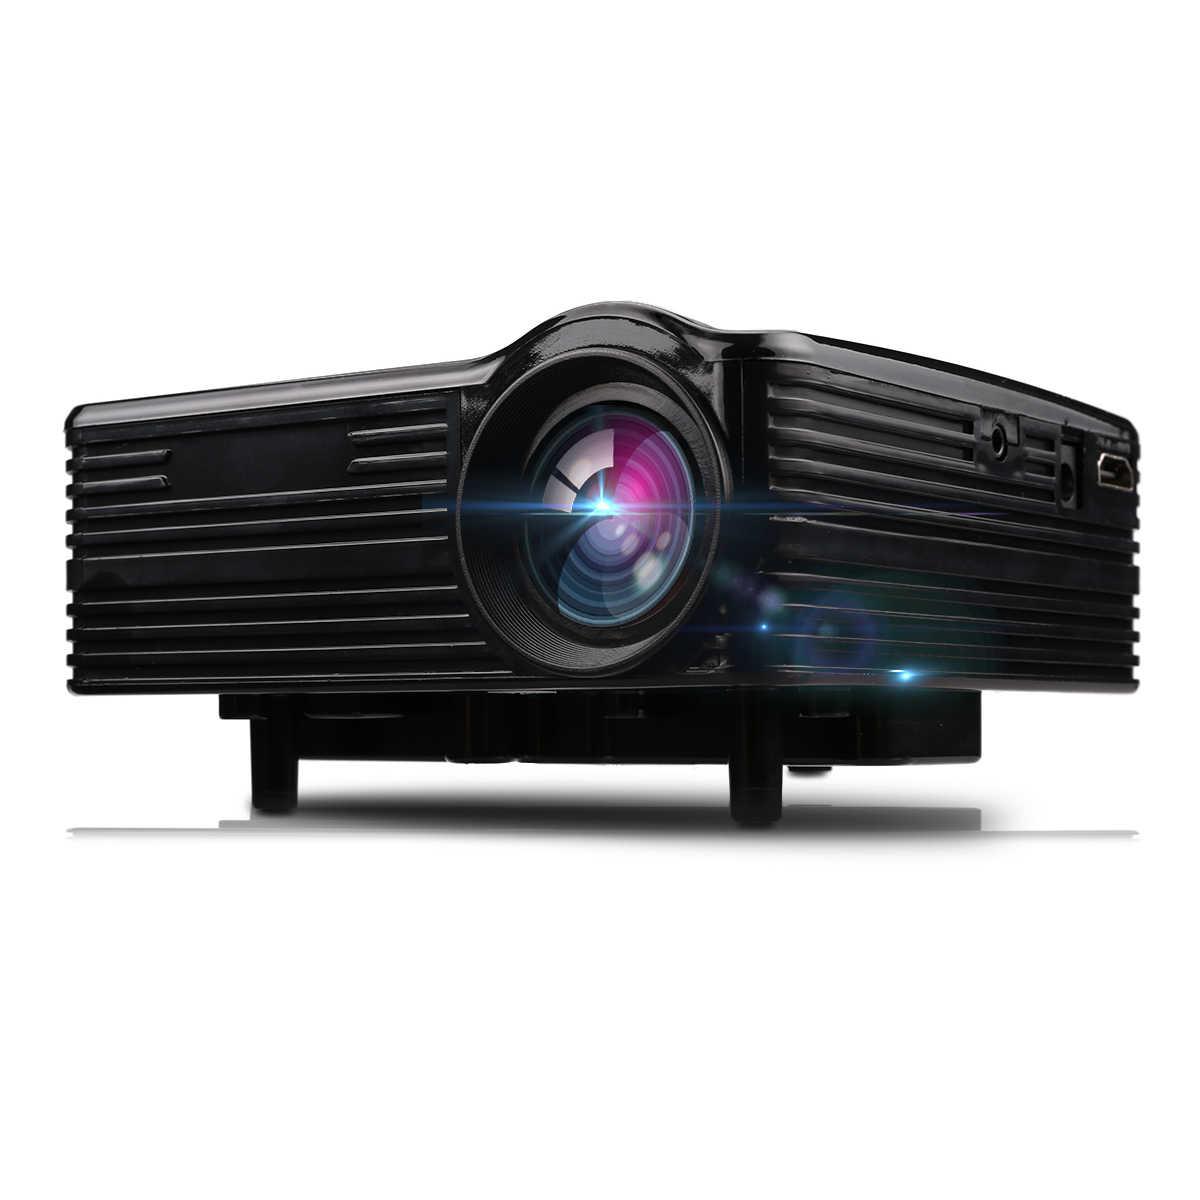 Excelvan LED1018 мини портативный проектор с ЖК-дисплеем HDMI USB VGA AV SD мультимедийные интерфейсы Max 1080 P фильм домой Кино PK YG300 YG310